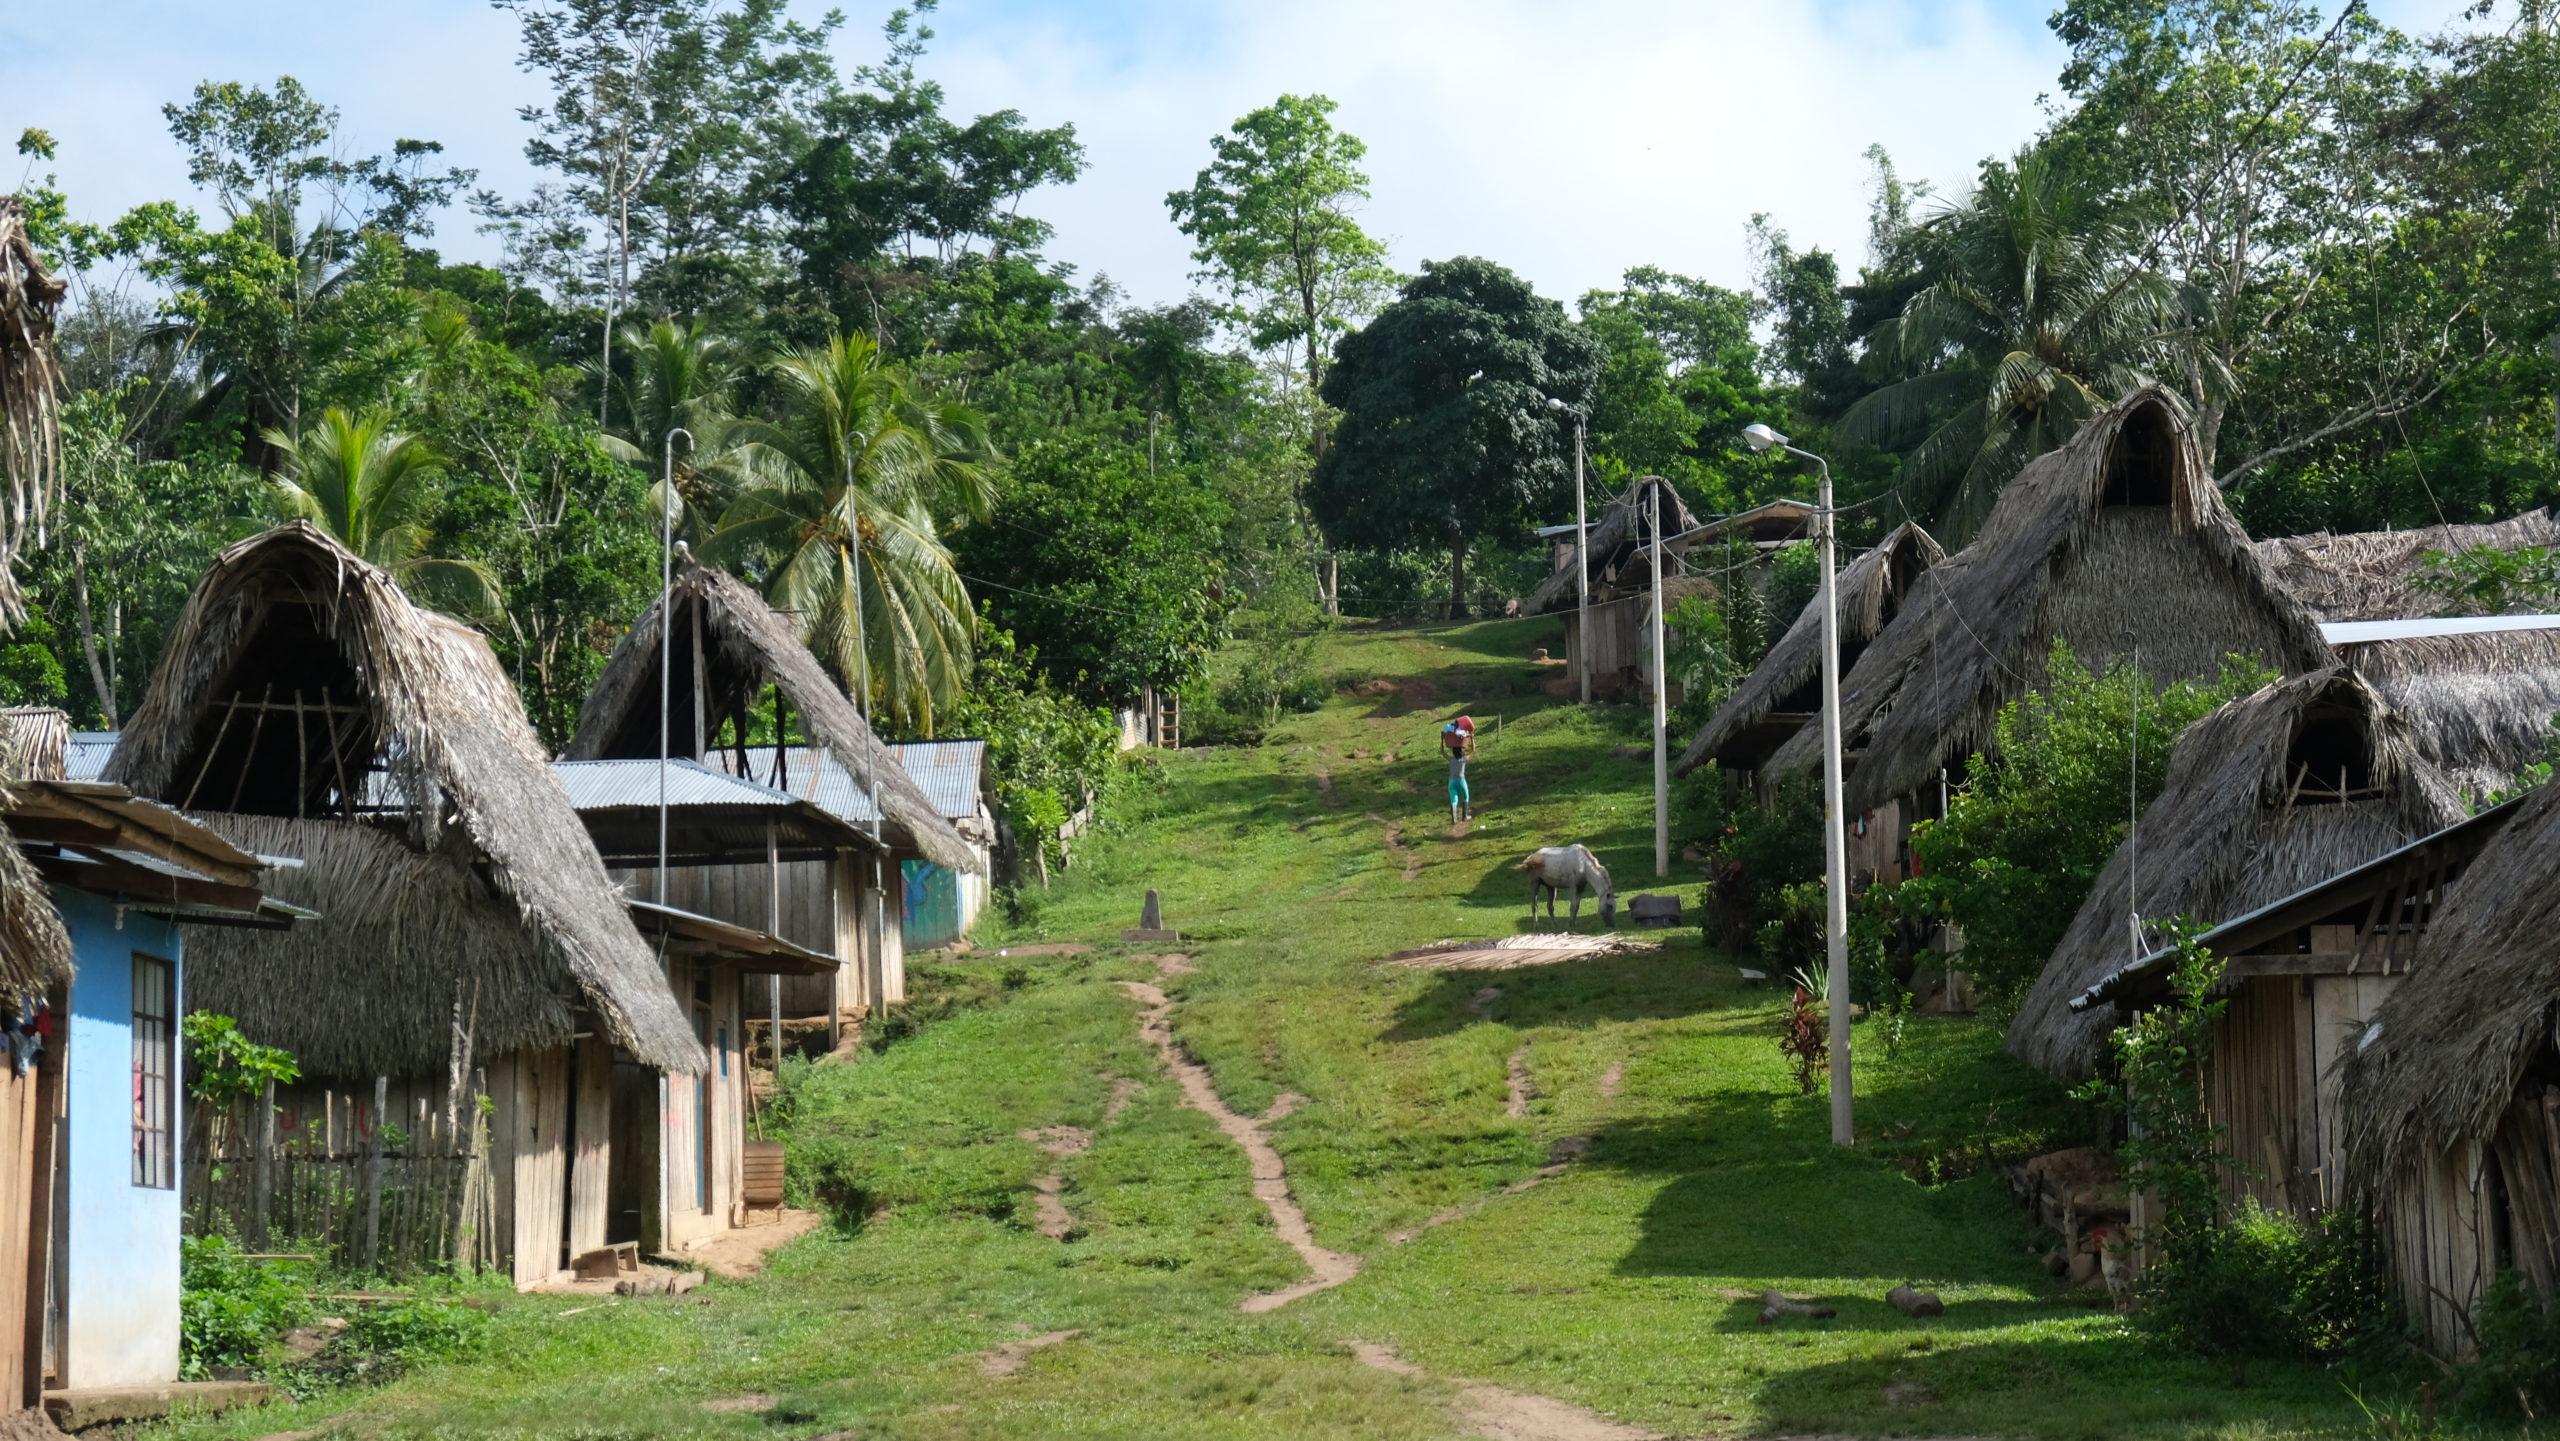 Tra ferite aperte e paradossi, lavorare con le comunità indigene